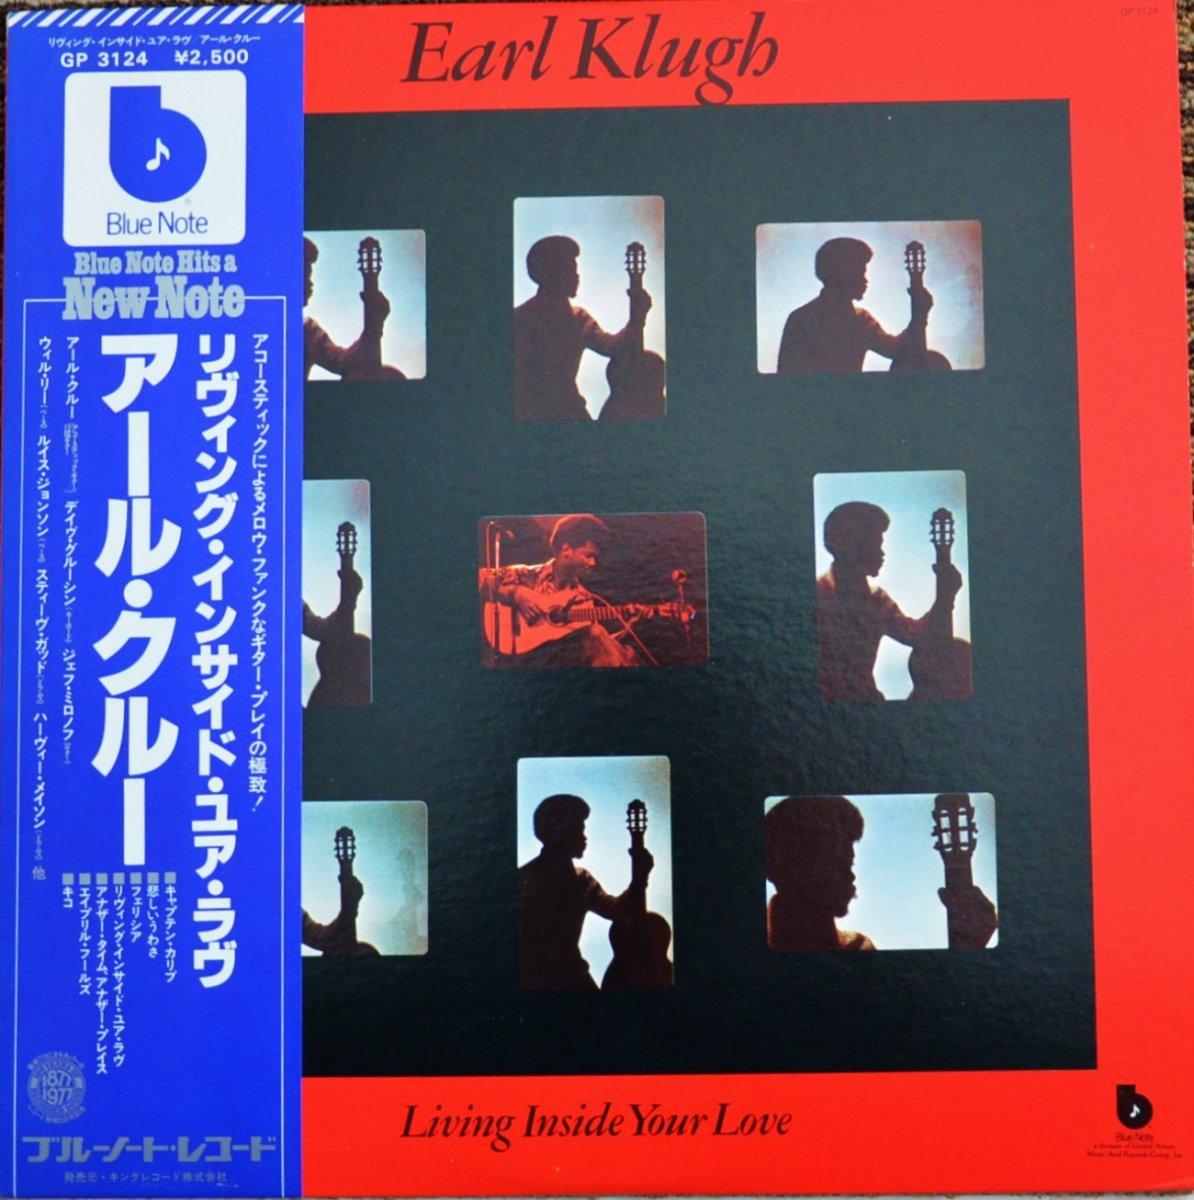 アール・クルー EARL KLUGH / リヴィング・インサイド・ユア・ラヴ LIVING INSIDE YOUR LOVE (LP)